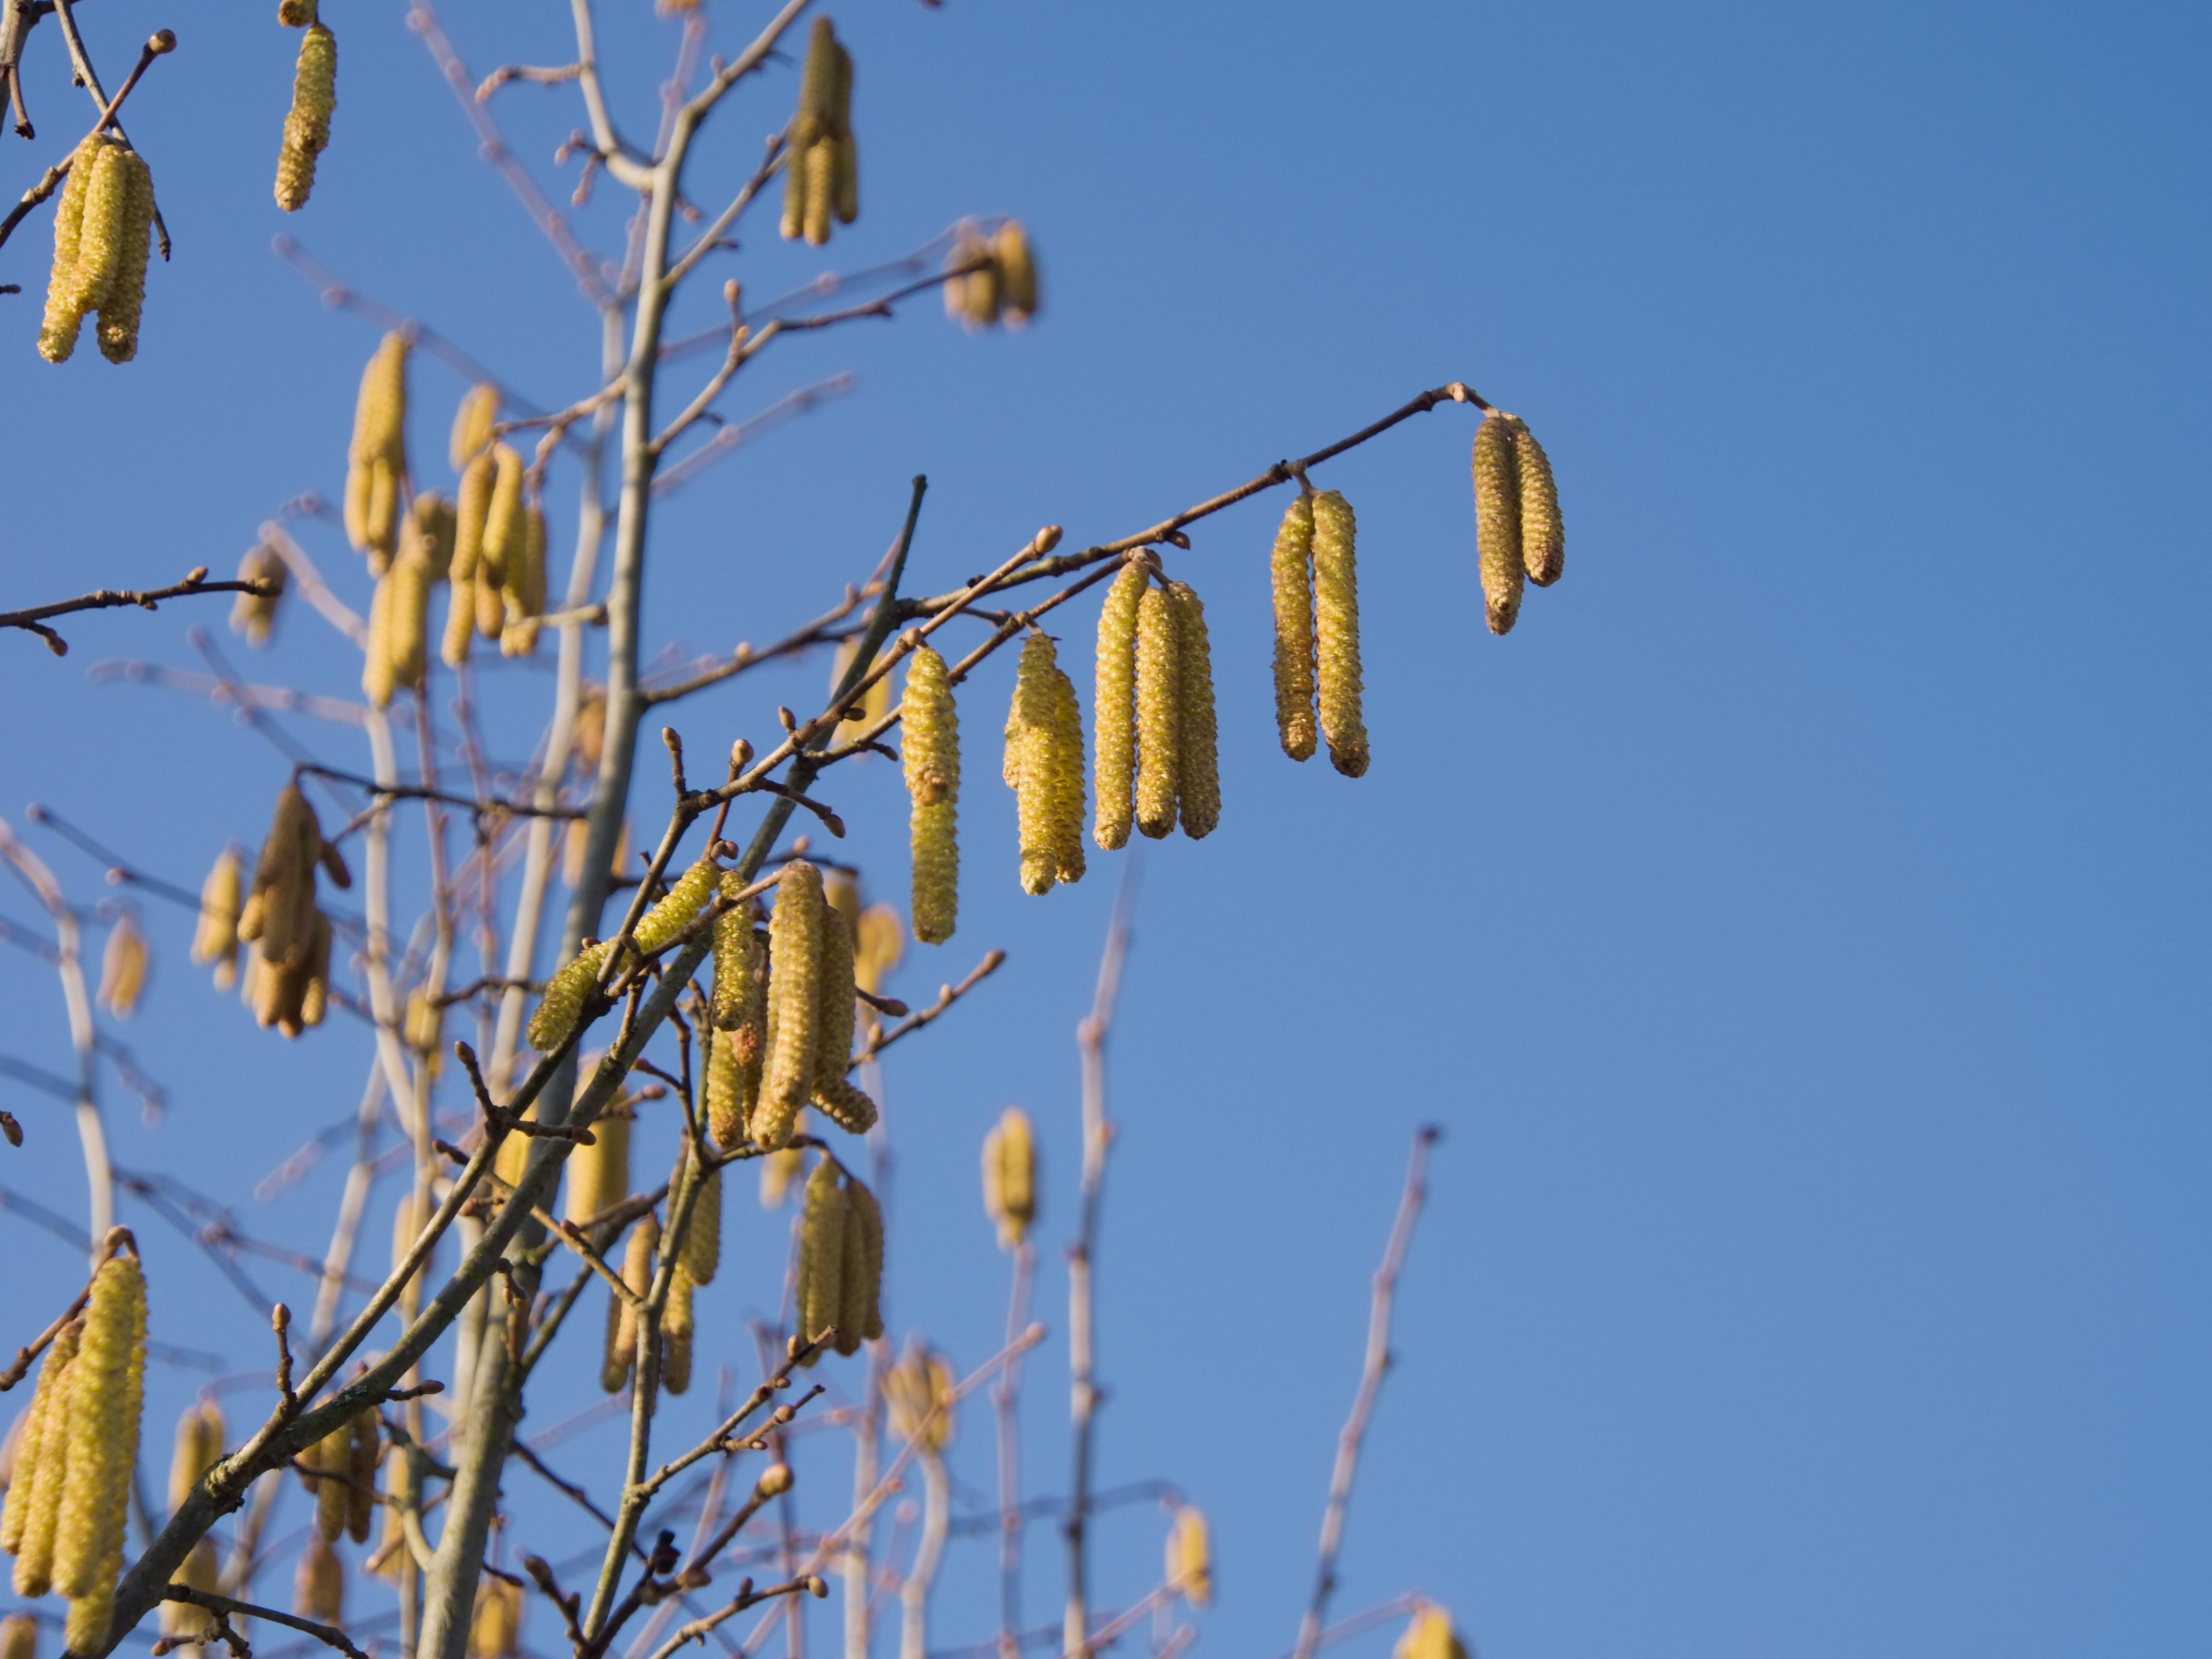 Med hasseln redan i blom riskerar årets pollensäsong att bli riktigt lång.